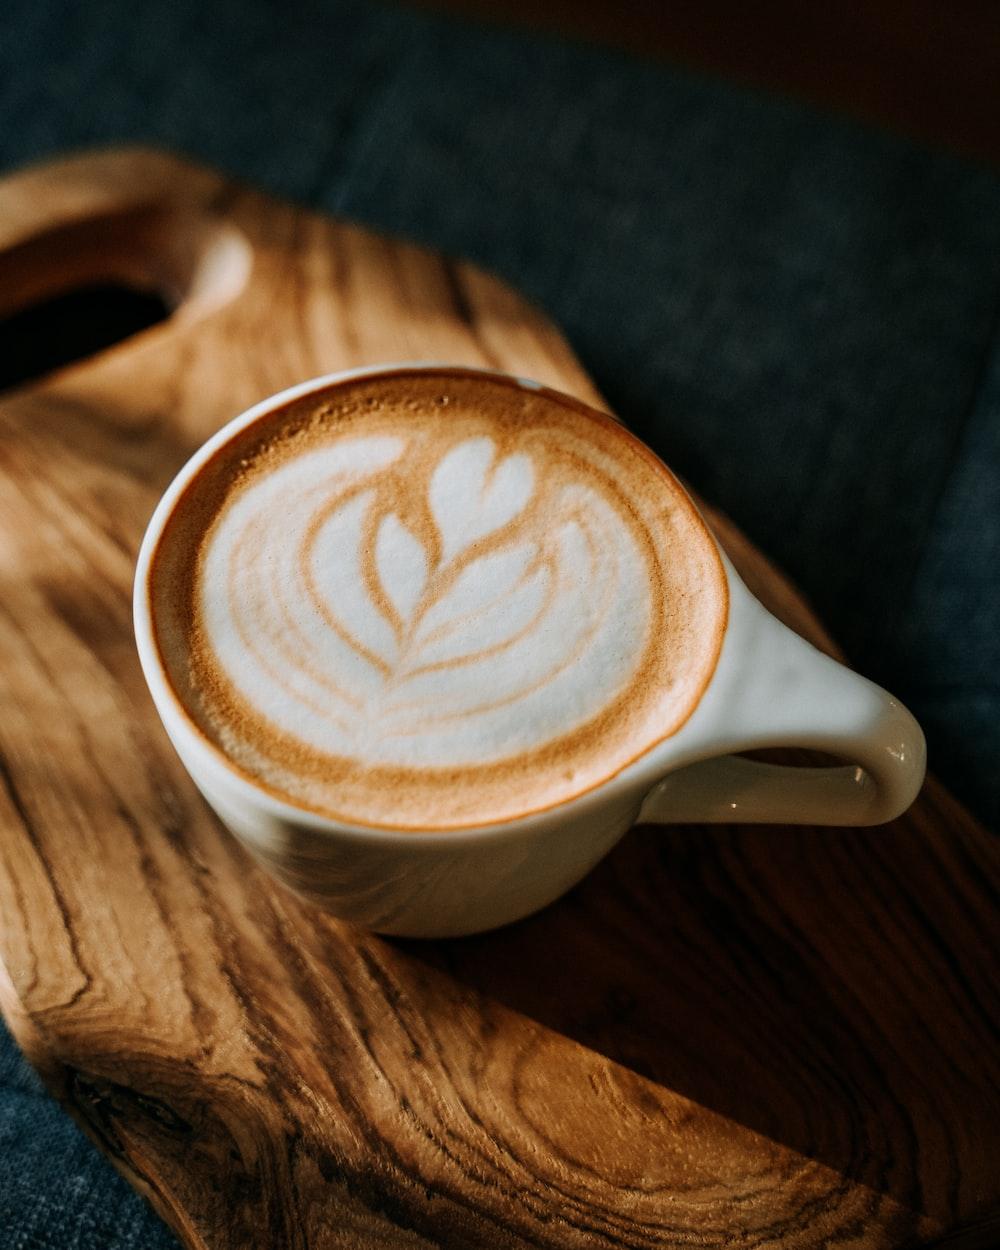 white ceramic mug with brown and white liquid